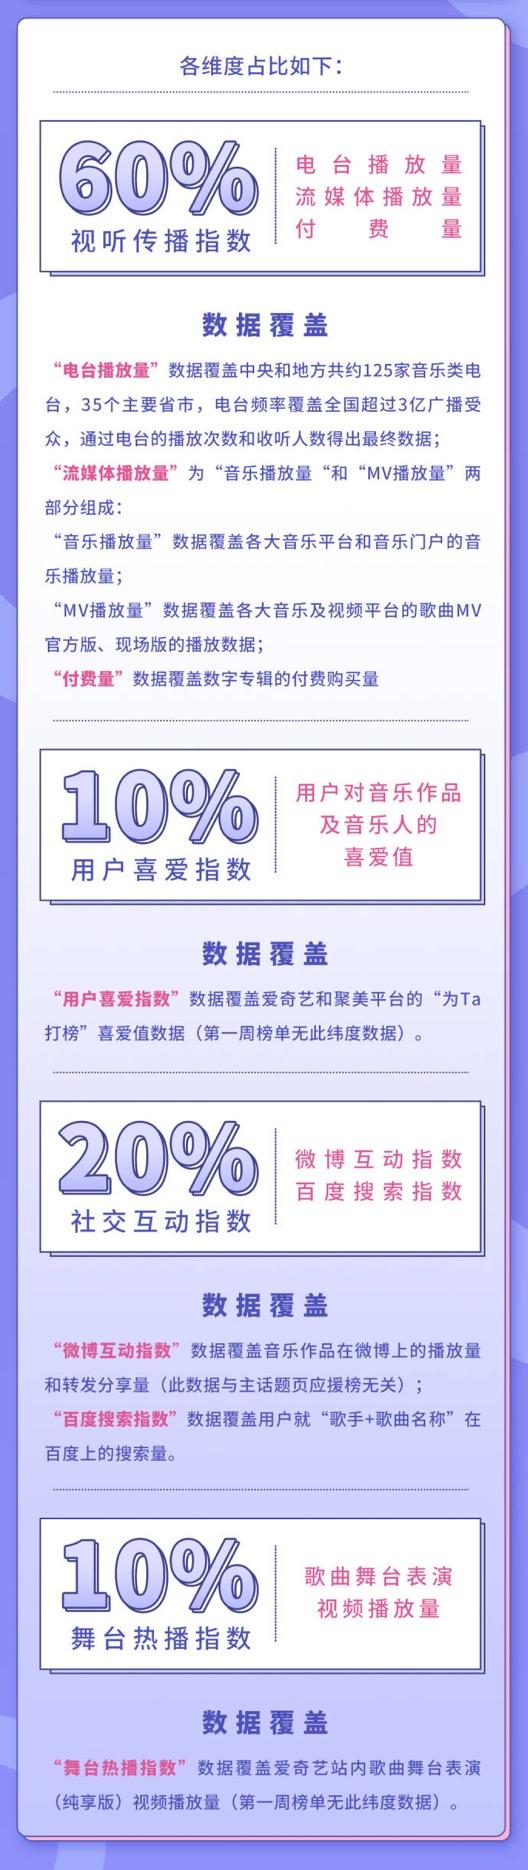 《中国音乐公告牌》榜单规则